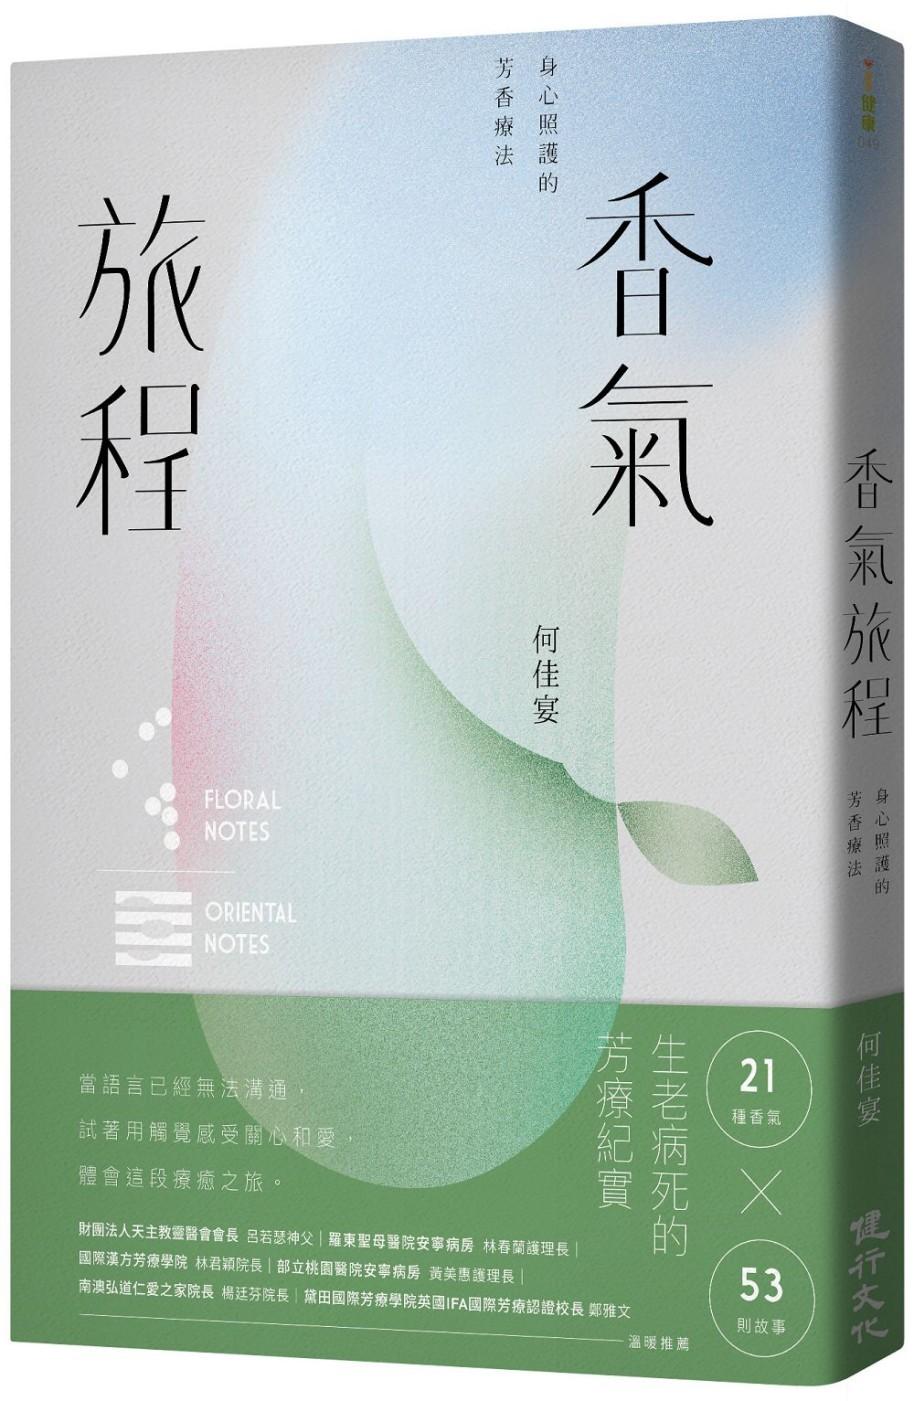 香氣旅程:身心照護的芳香療法